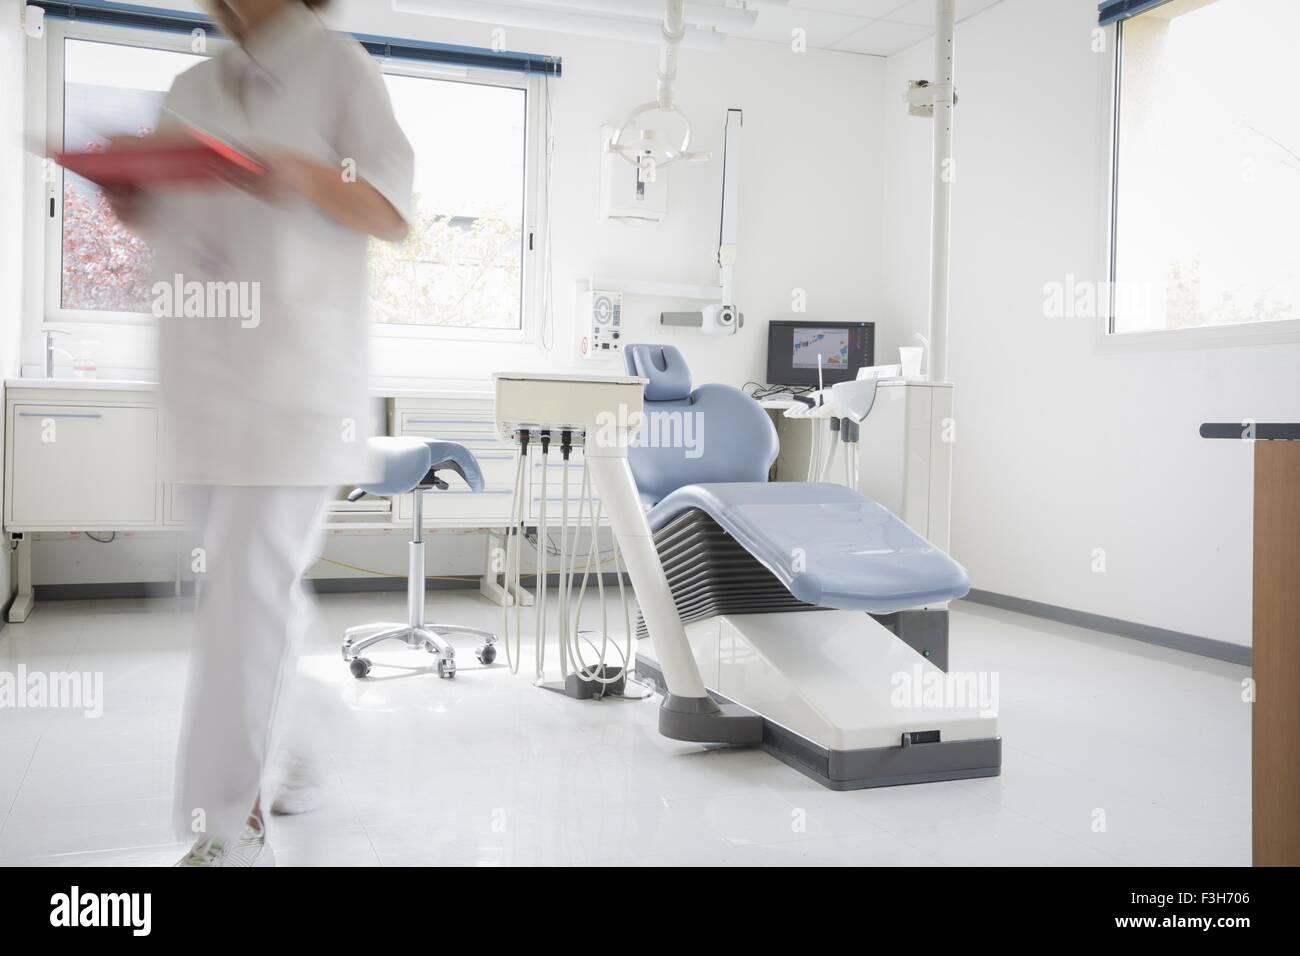 Zahnarztstuhl, Zahnarzthelferin zu Fuß entfernt, Bewegungsunschärfe Stockbild